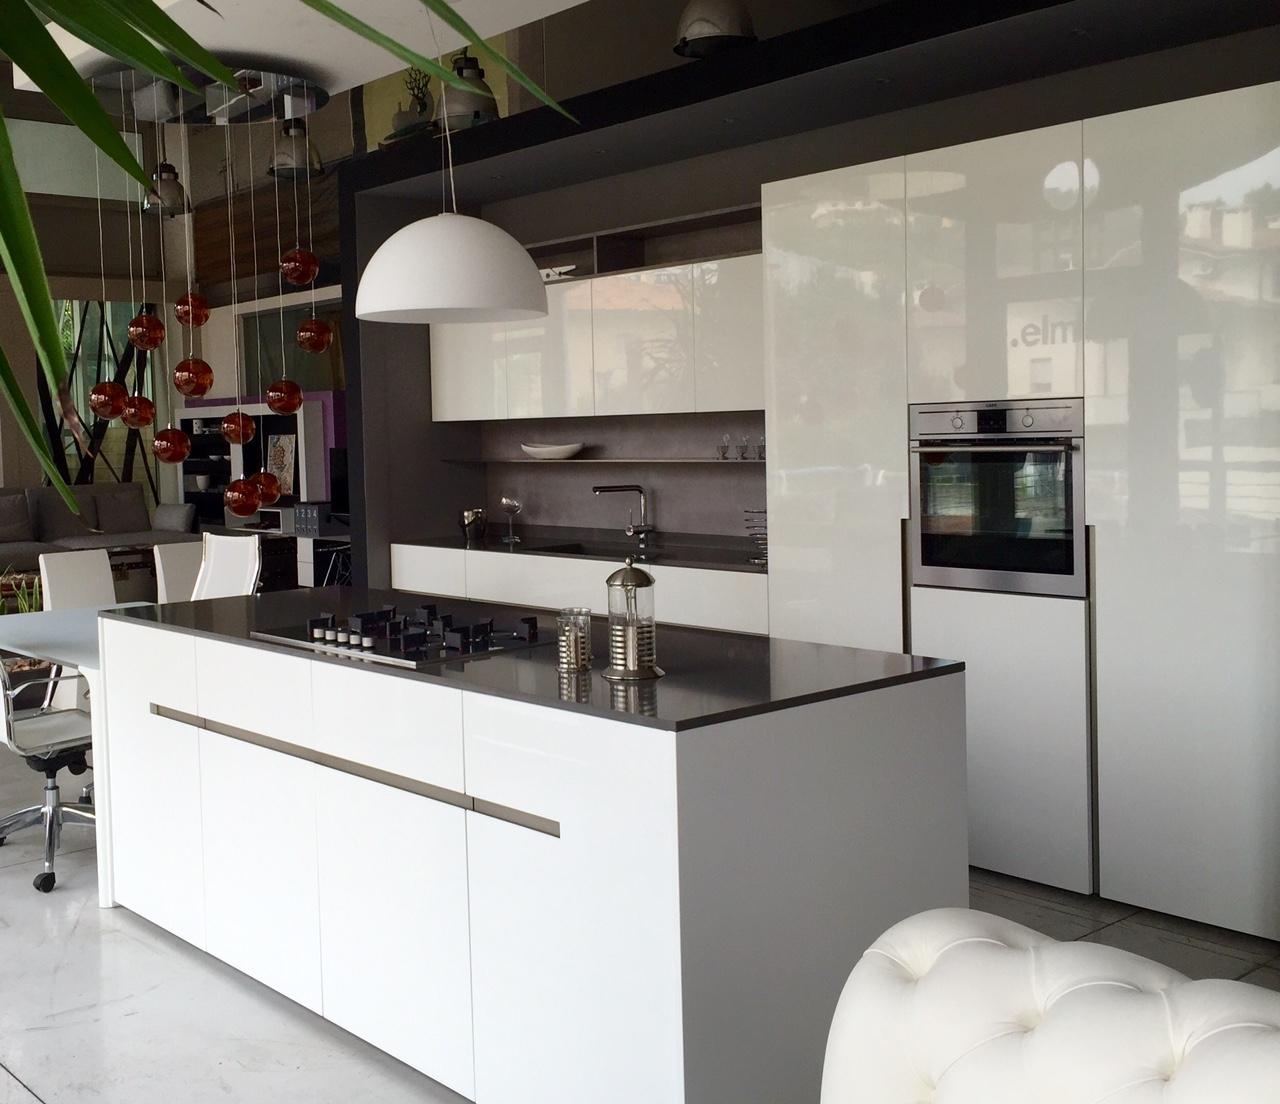 Piani cucina cemento piano cucina you with piani cucina cemento cucina noce canaletto top for Piano cucina in cemento